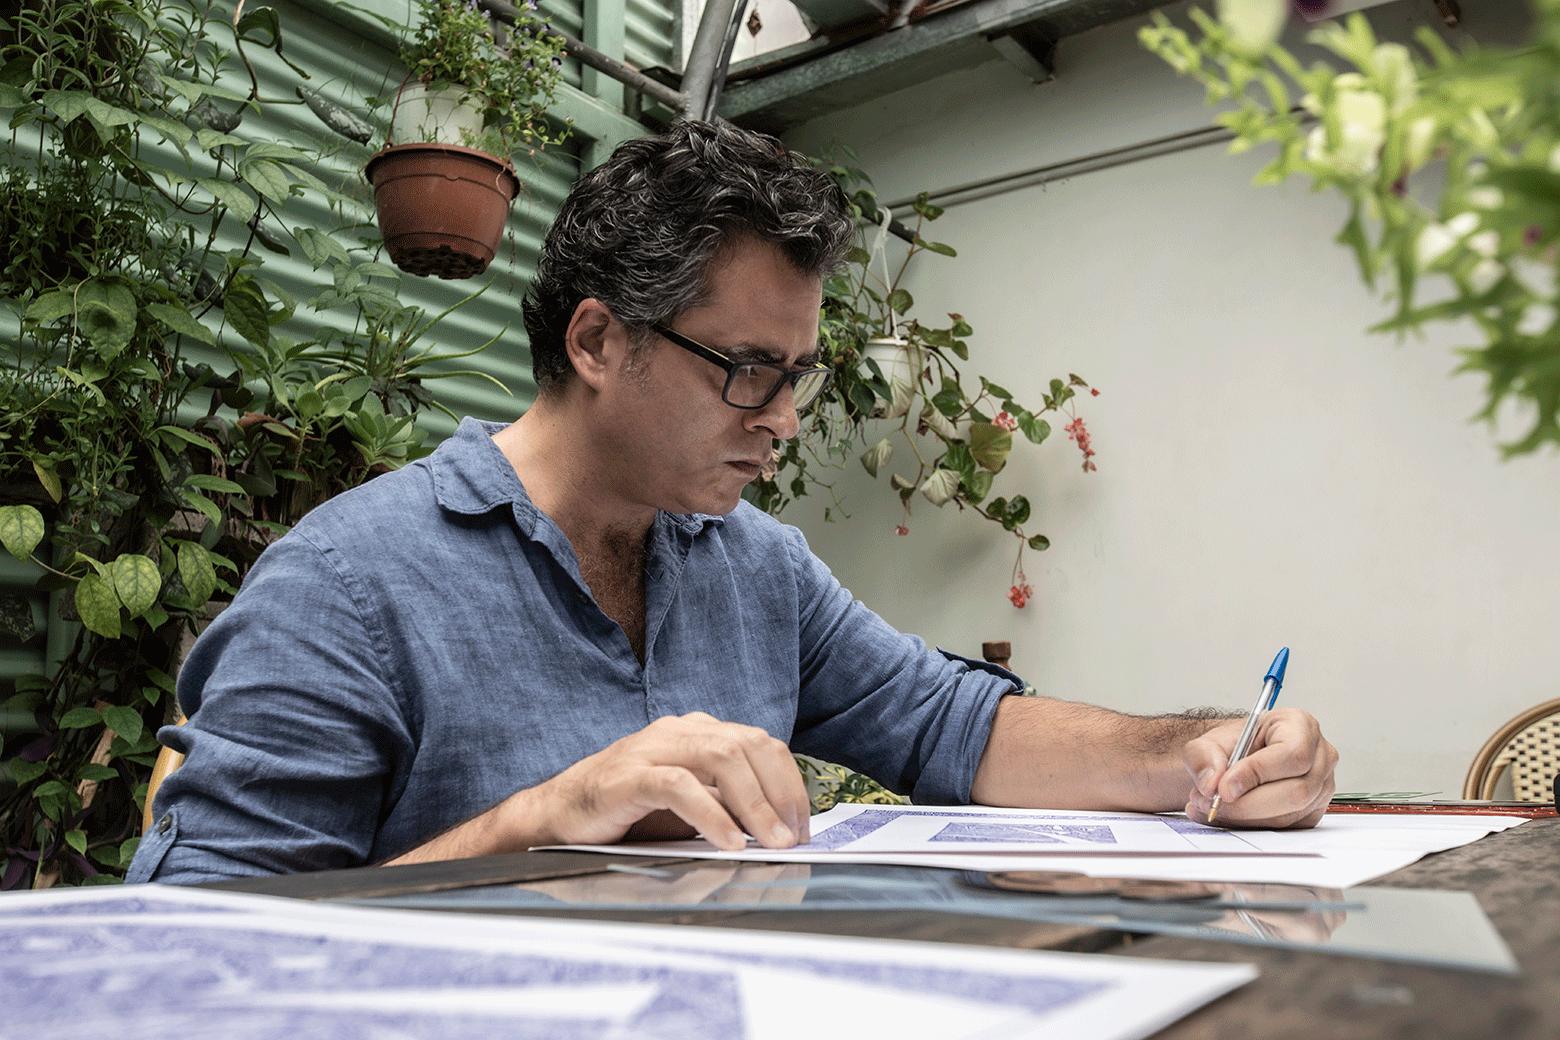 Una nueva propuesta artística para el mundo de la cerámica: influencia oriental para aportar valor diferencial a la exportación española